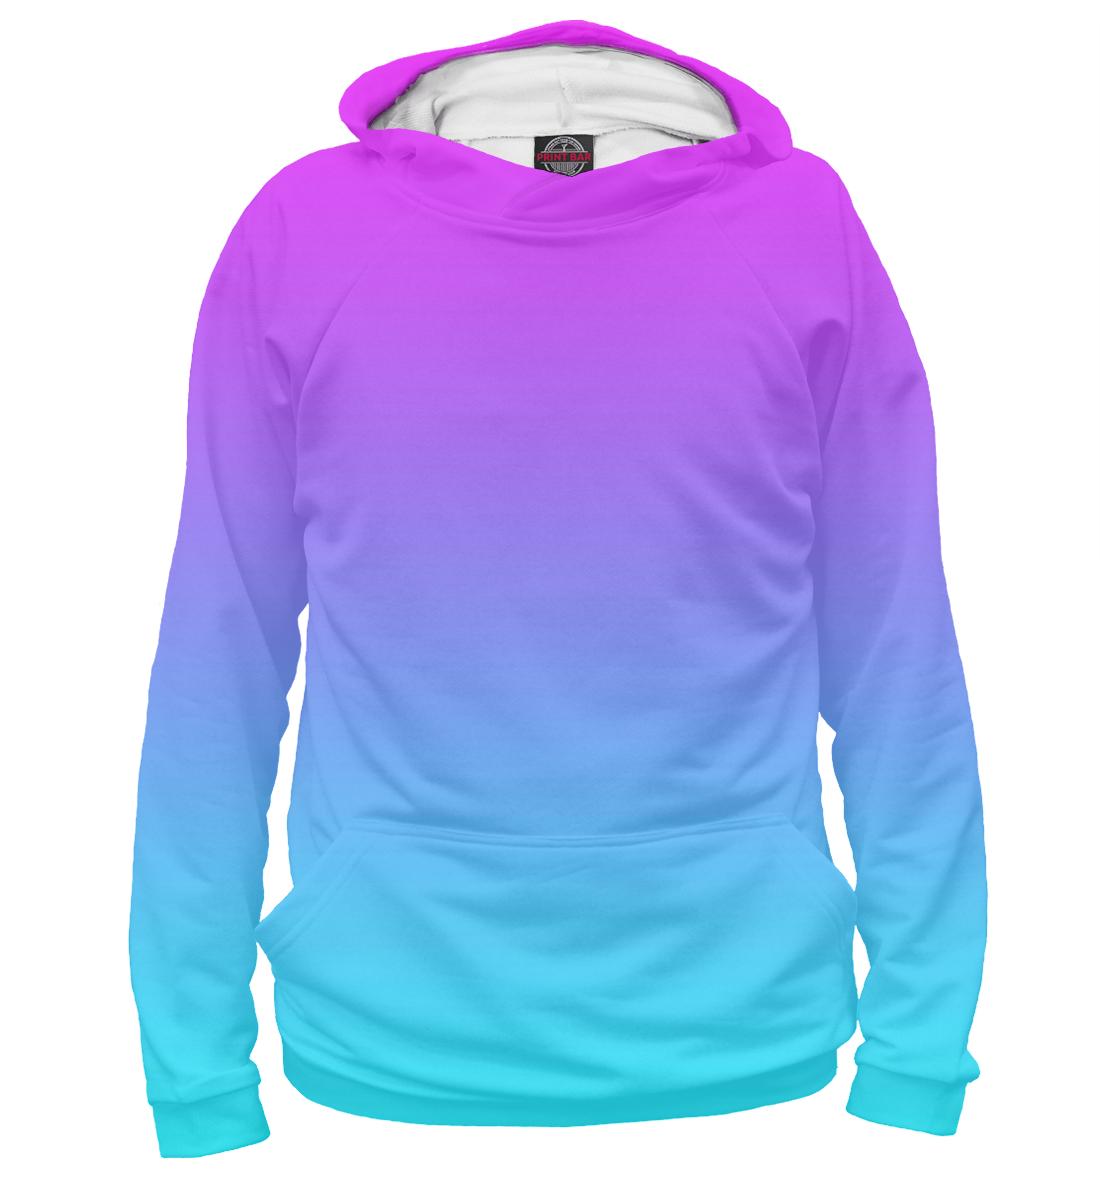 Купить Градиент: Розовый в Голубой, Printbar, Худи, CLR-401097-hud-2